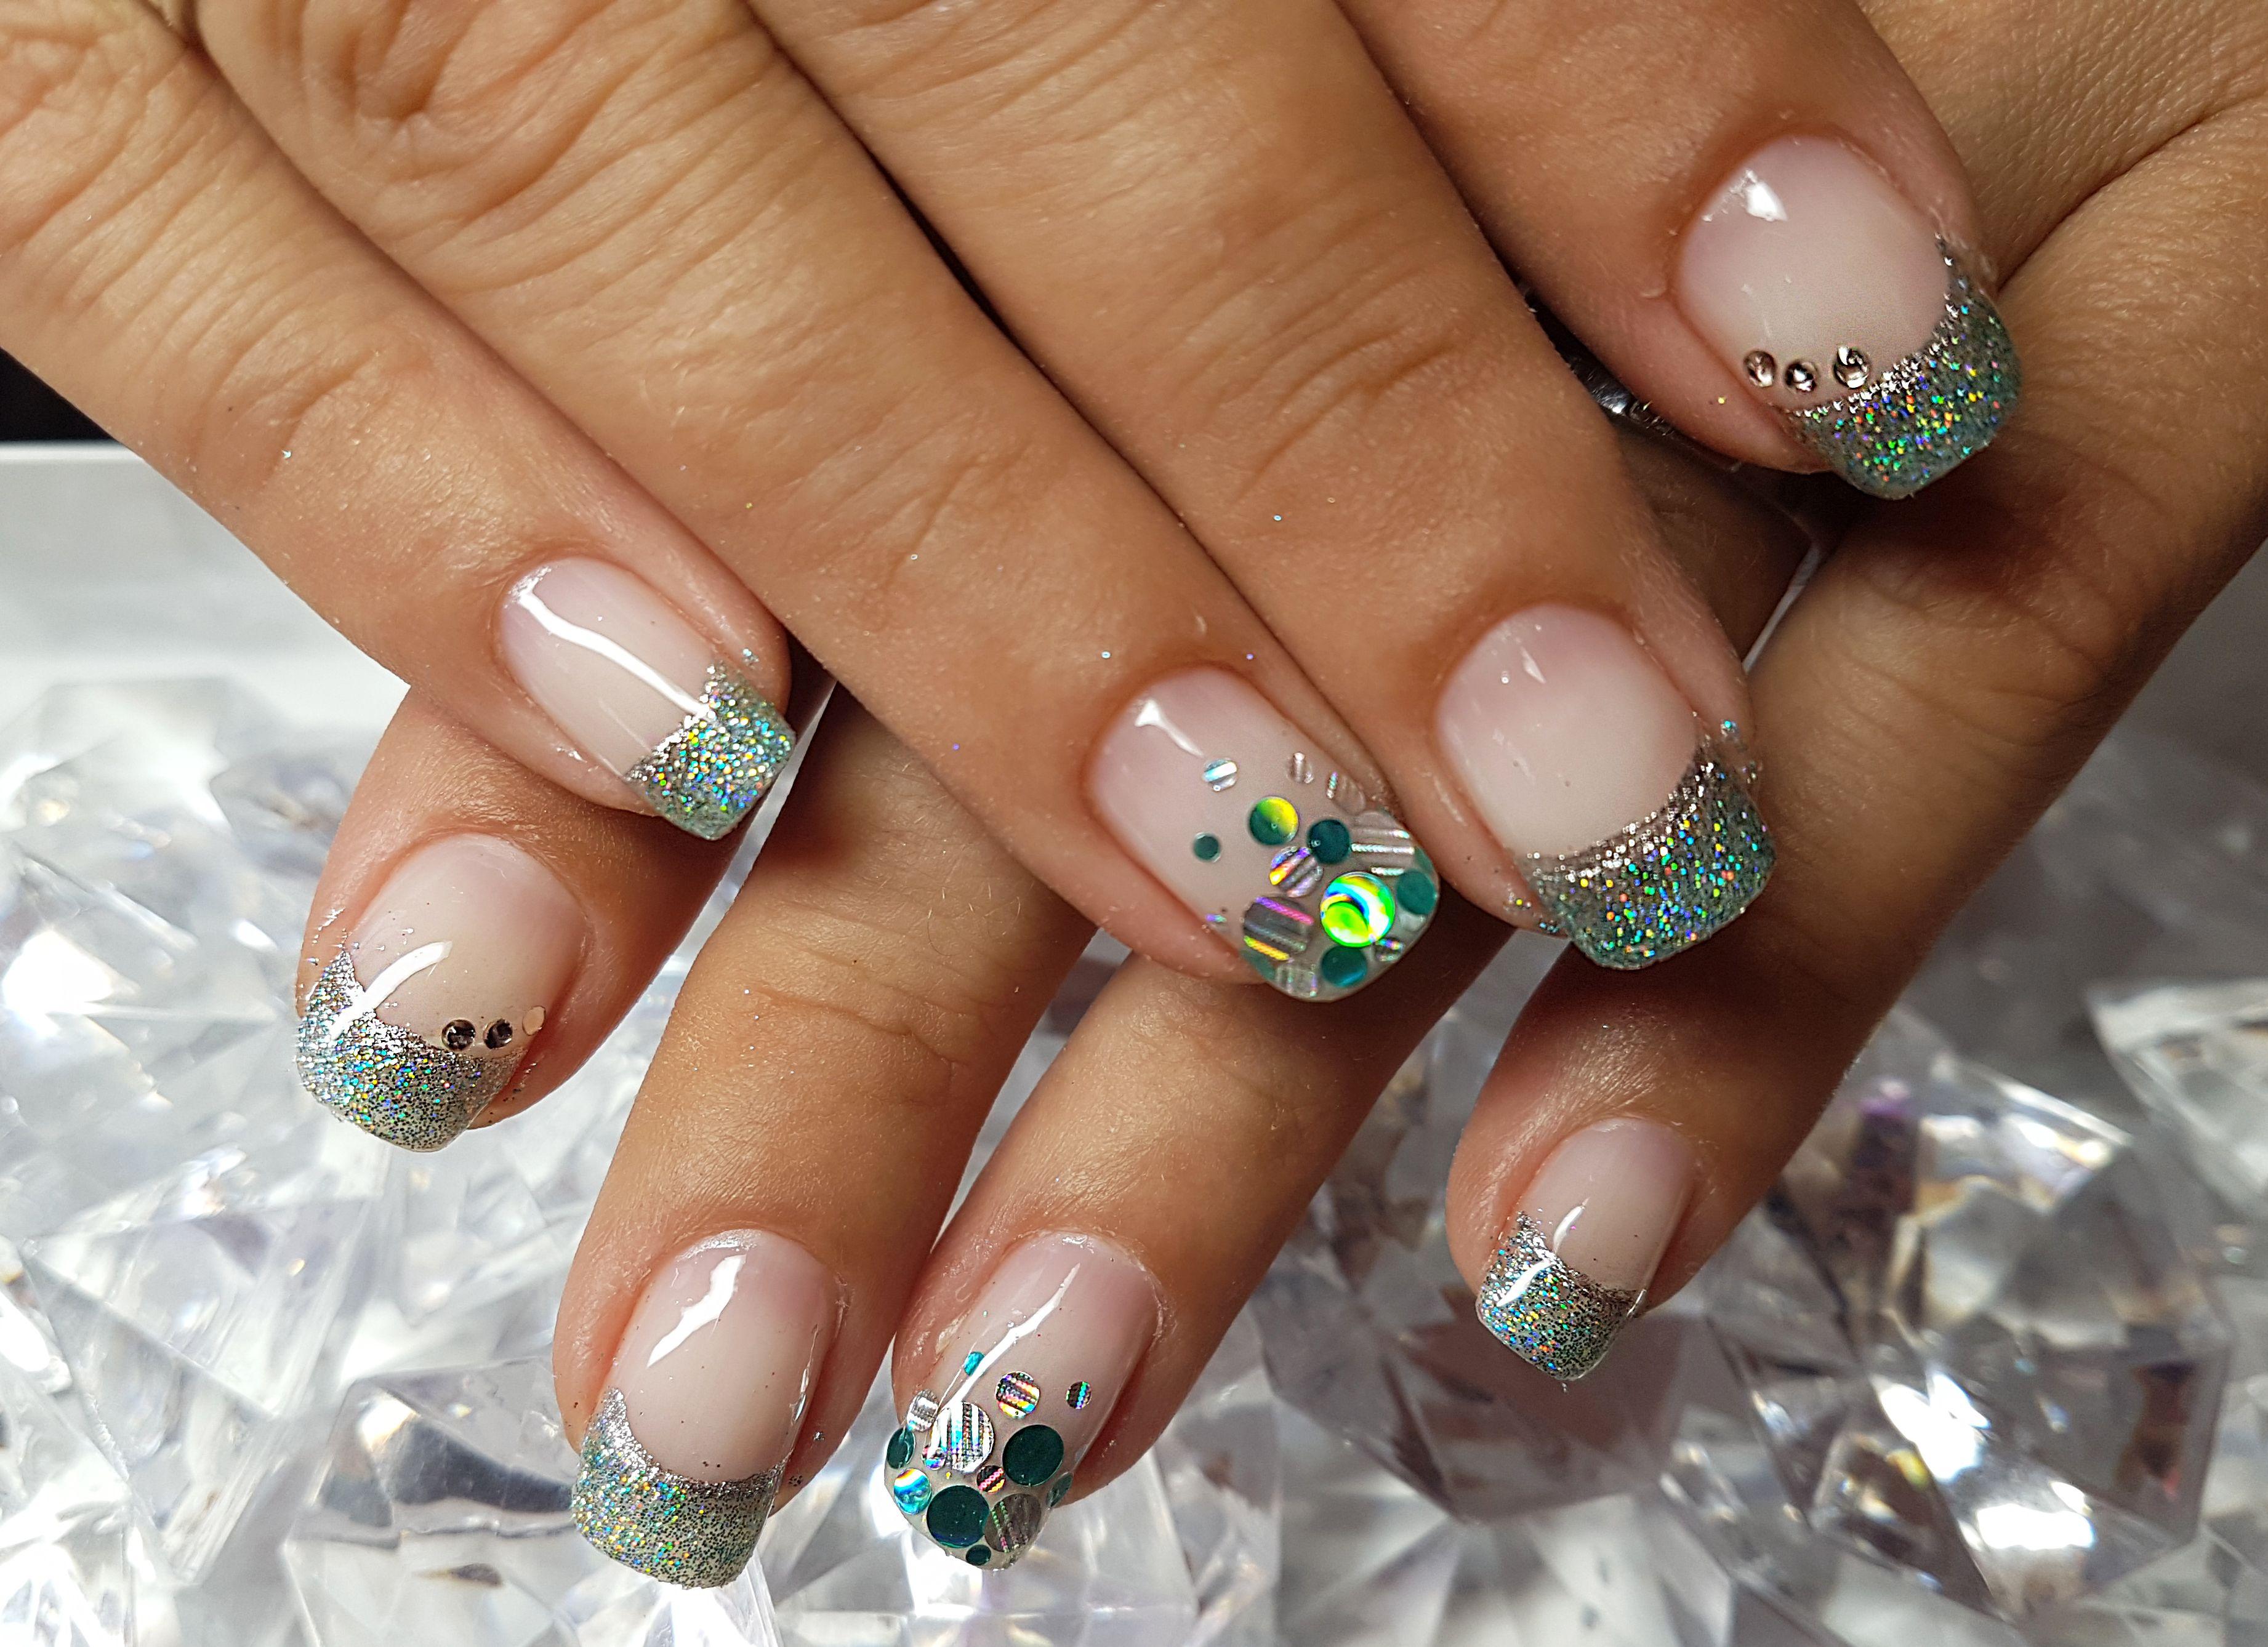 french glitter nails | My nails | Pinterest | Glitter nails